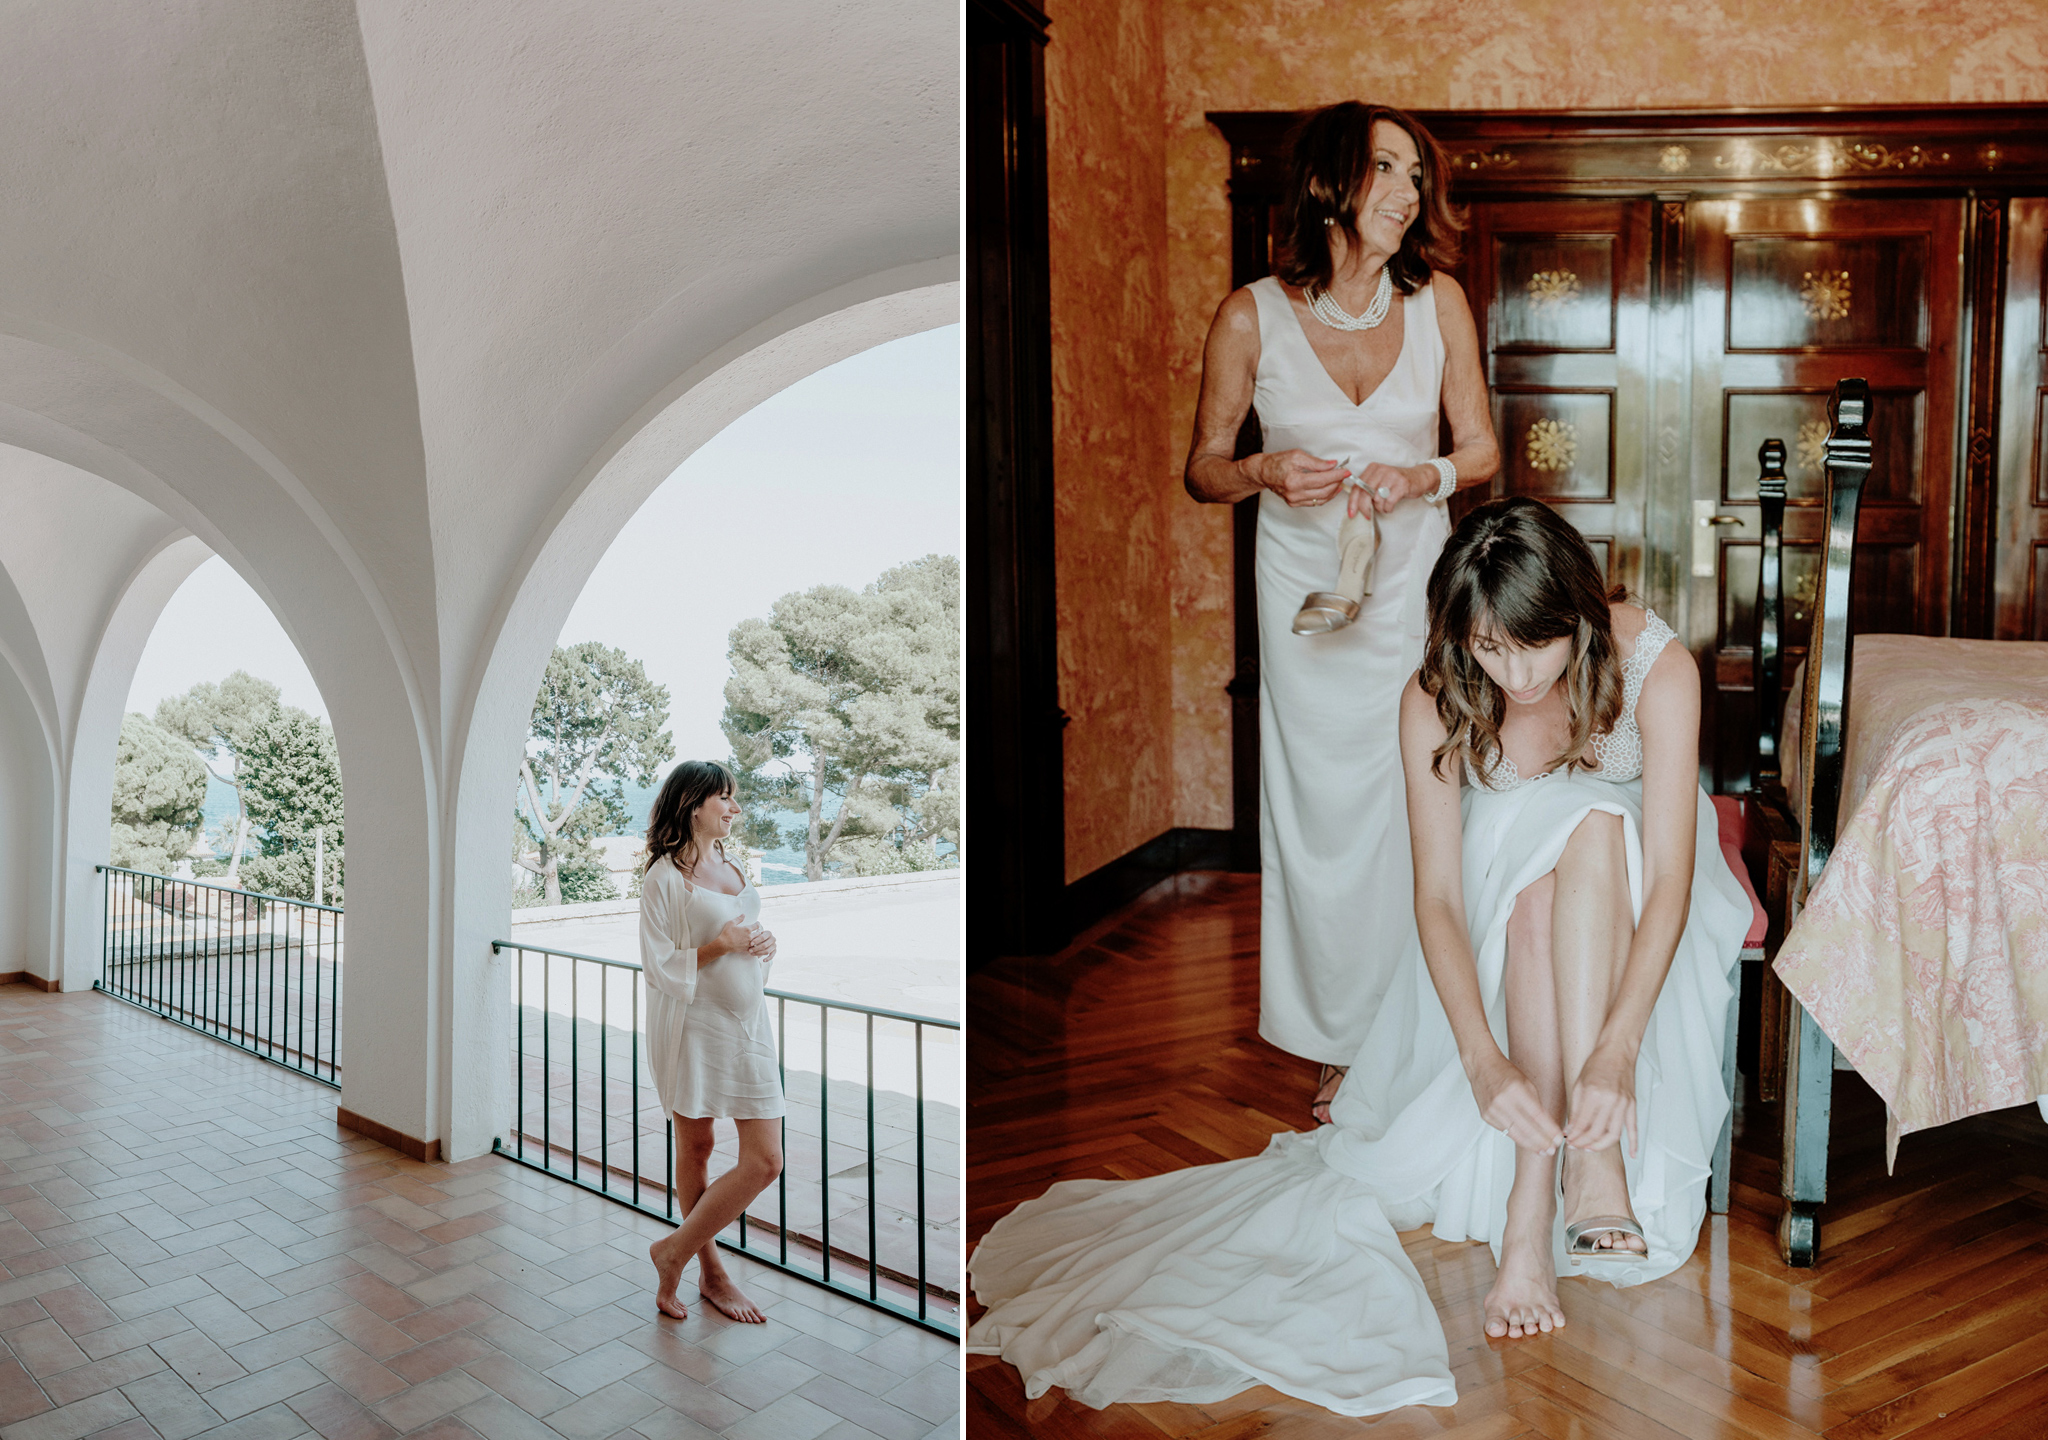 fotografo-boda-barcelona0016.jpg